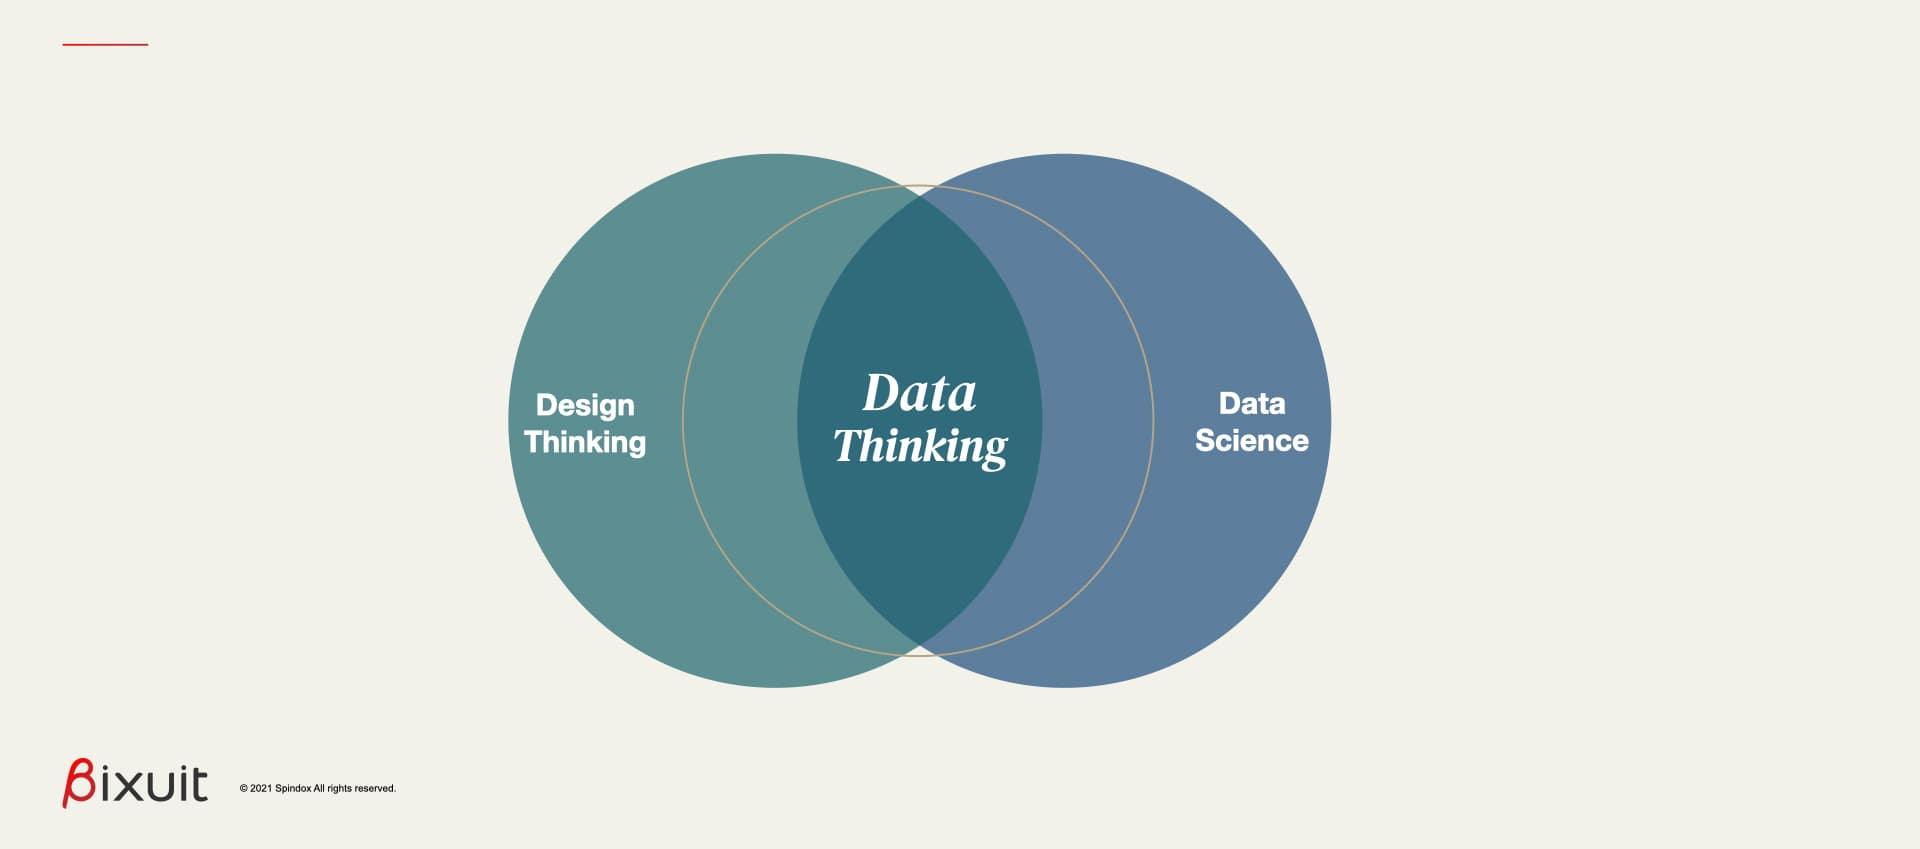 Il data thinking nasce dall'unione di design thinking e data science